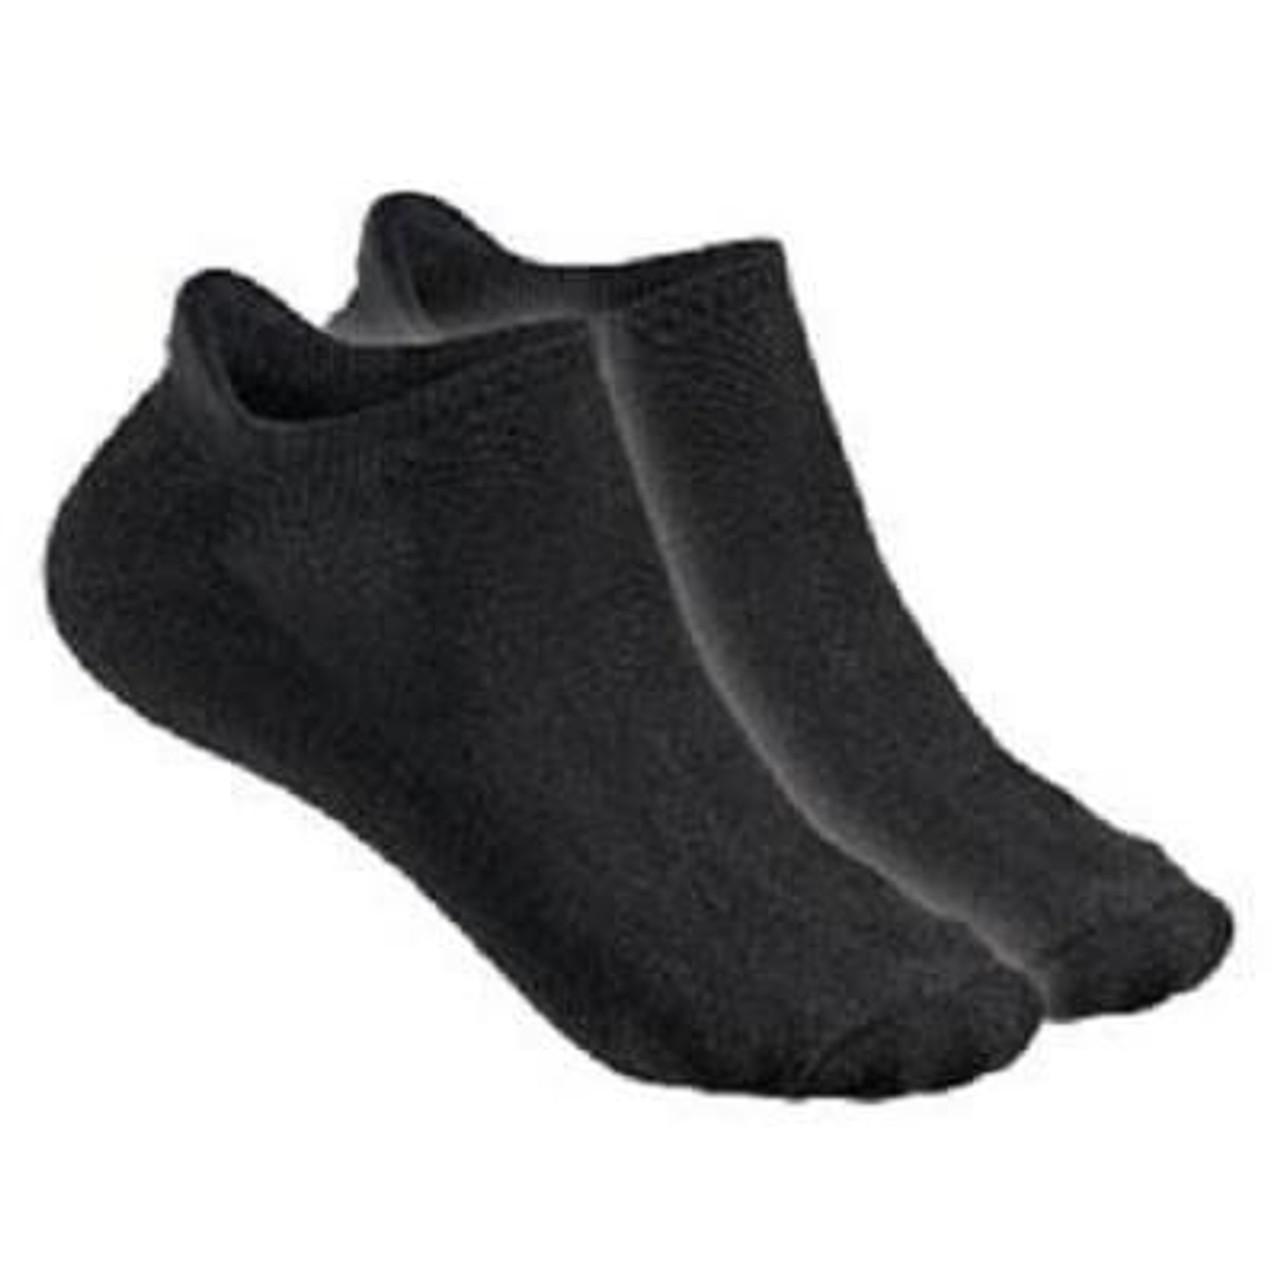 Baby Foot Black Socks